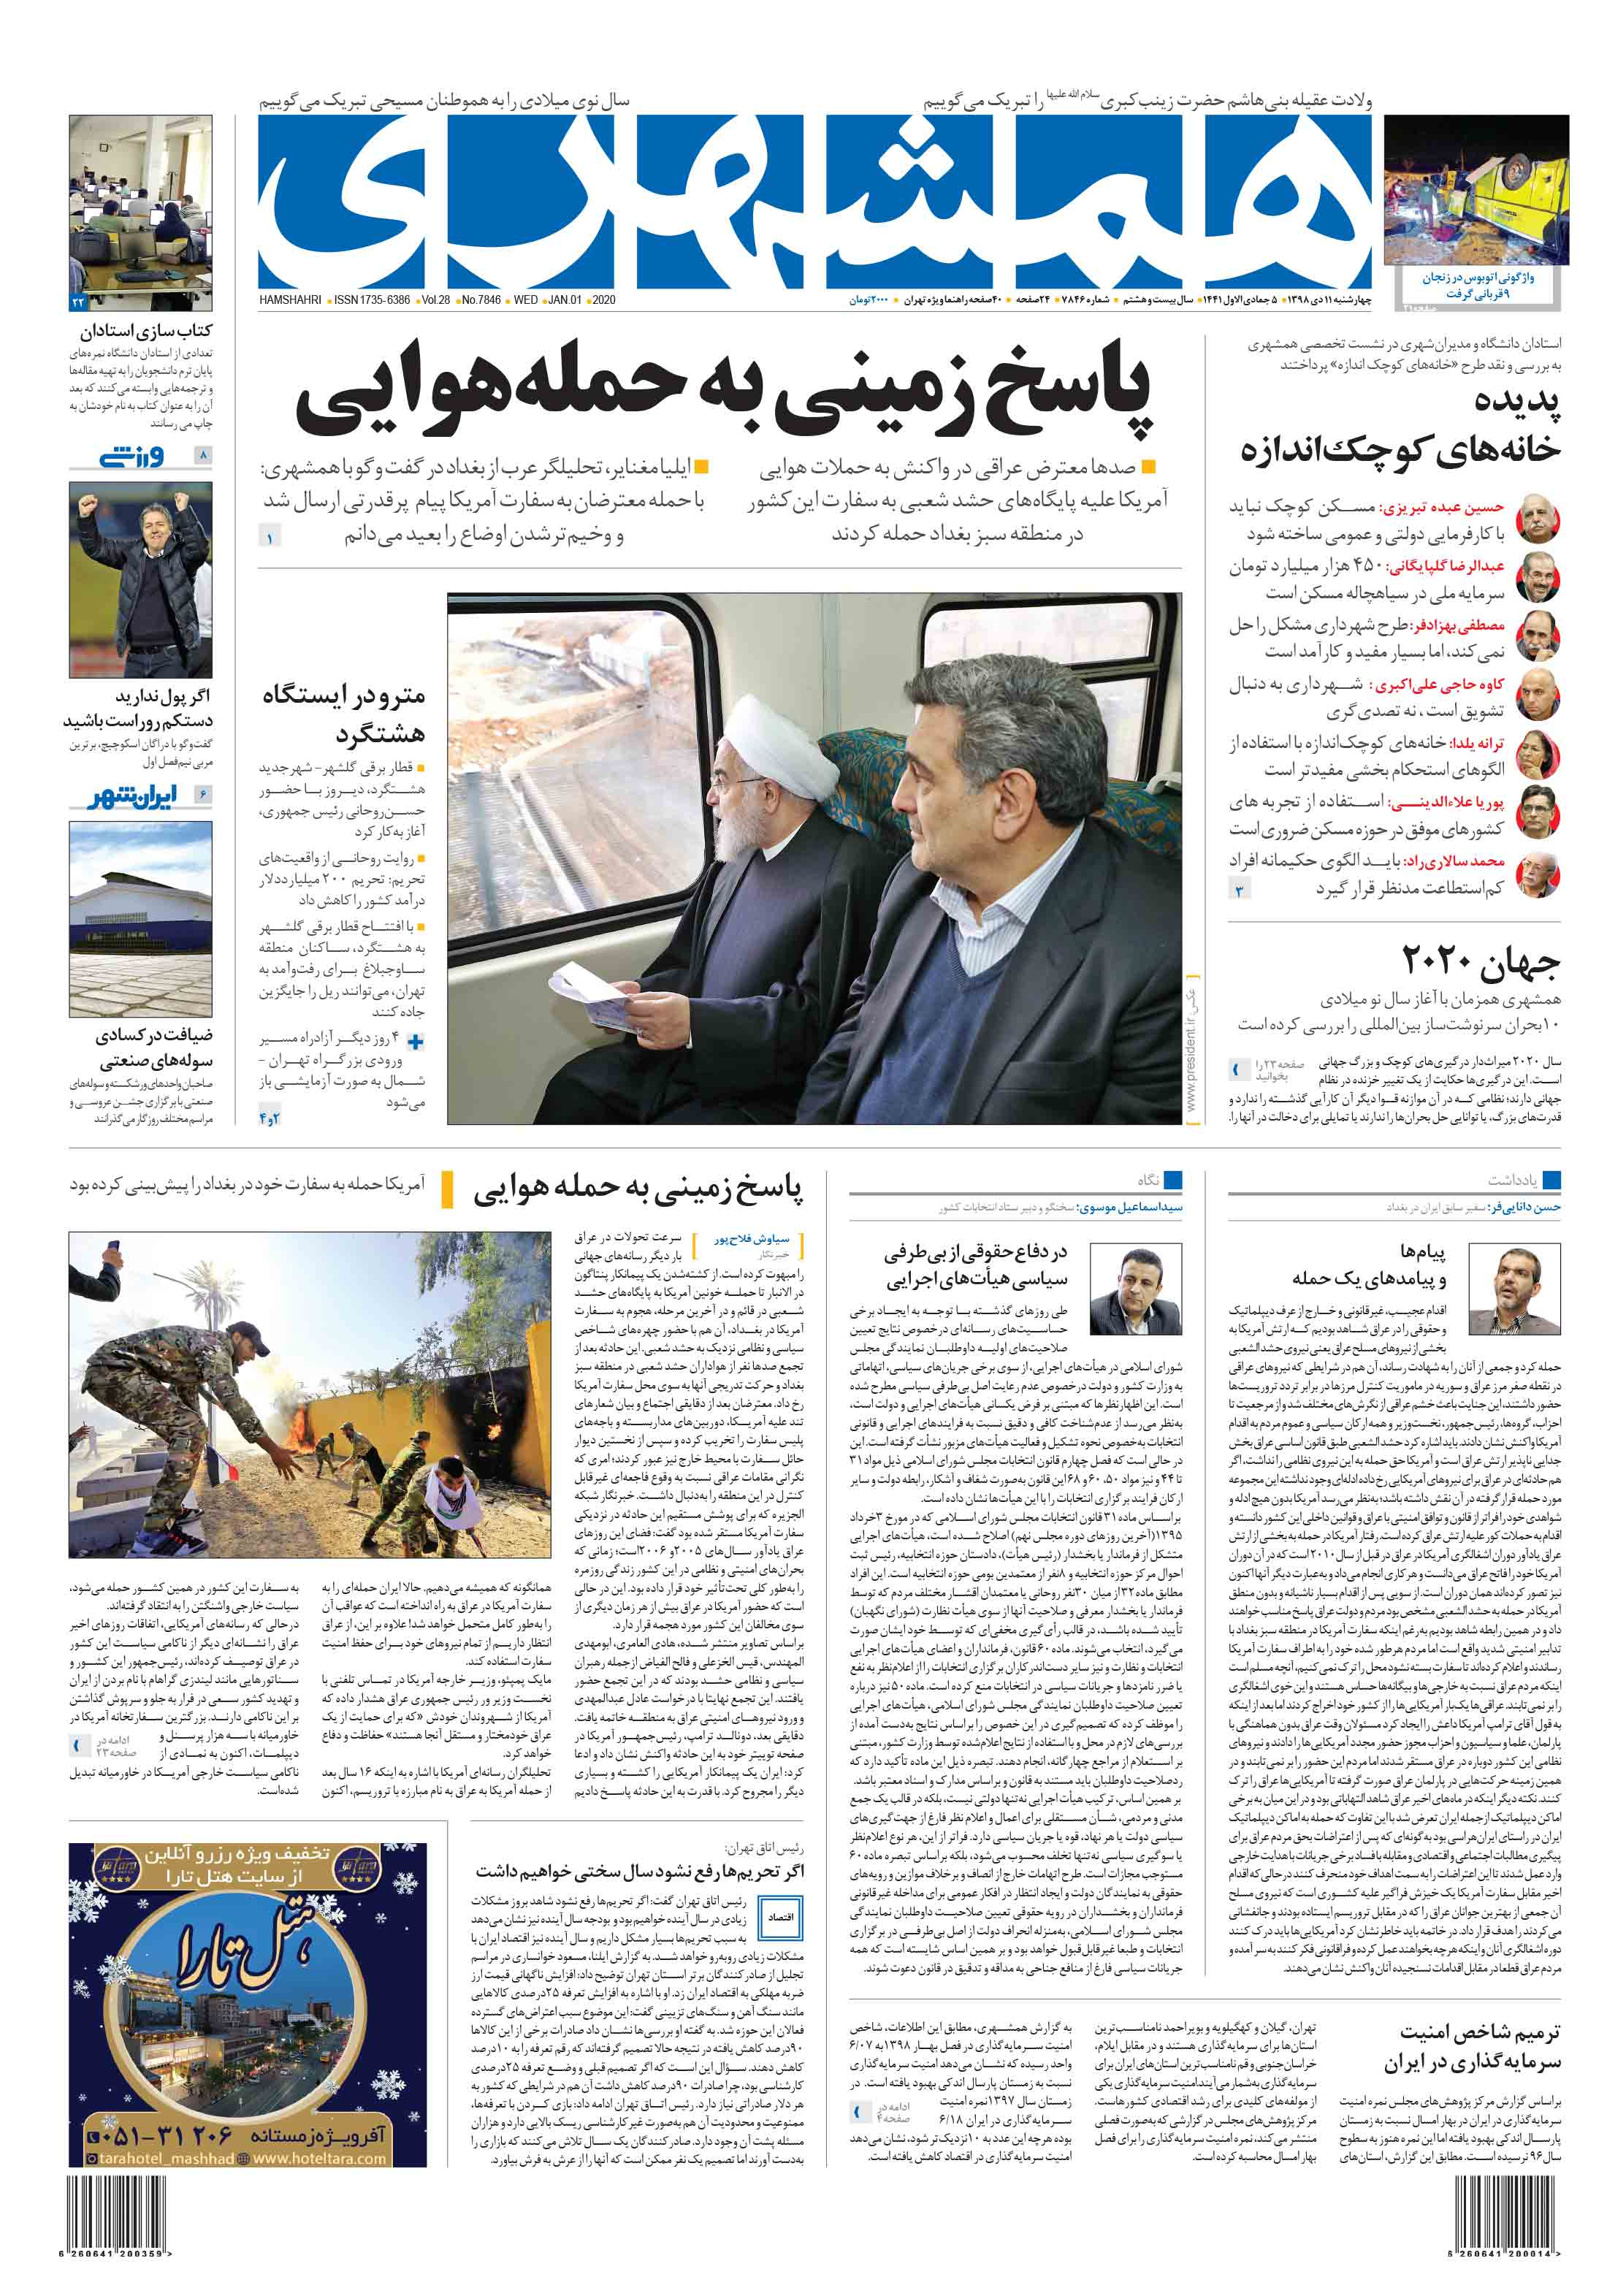 صفحه اول چهارشنبه 11 دی 1398